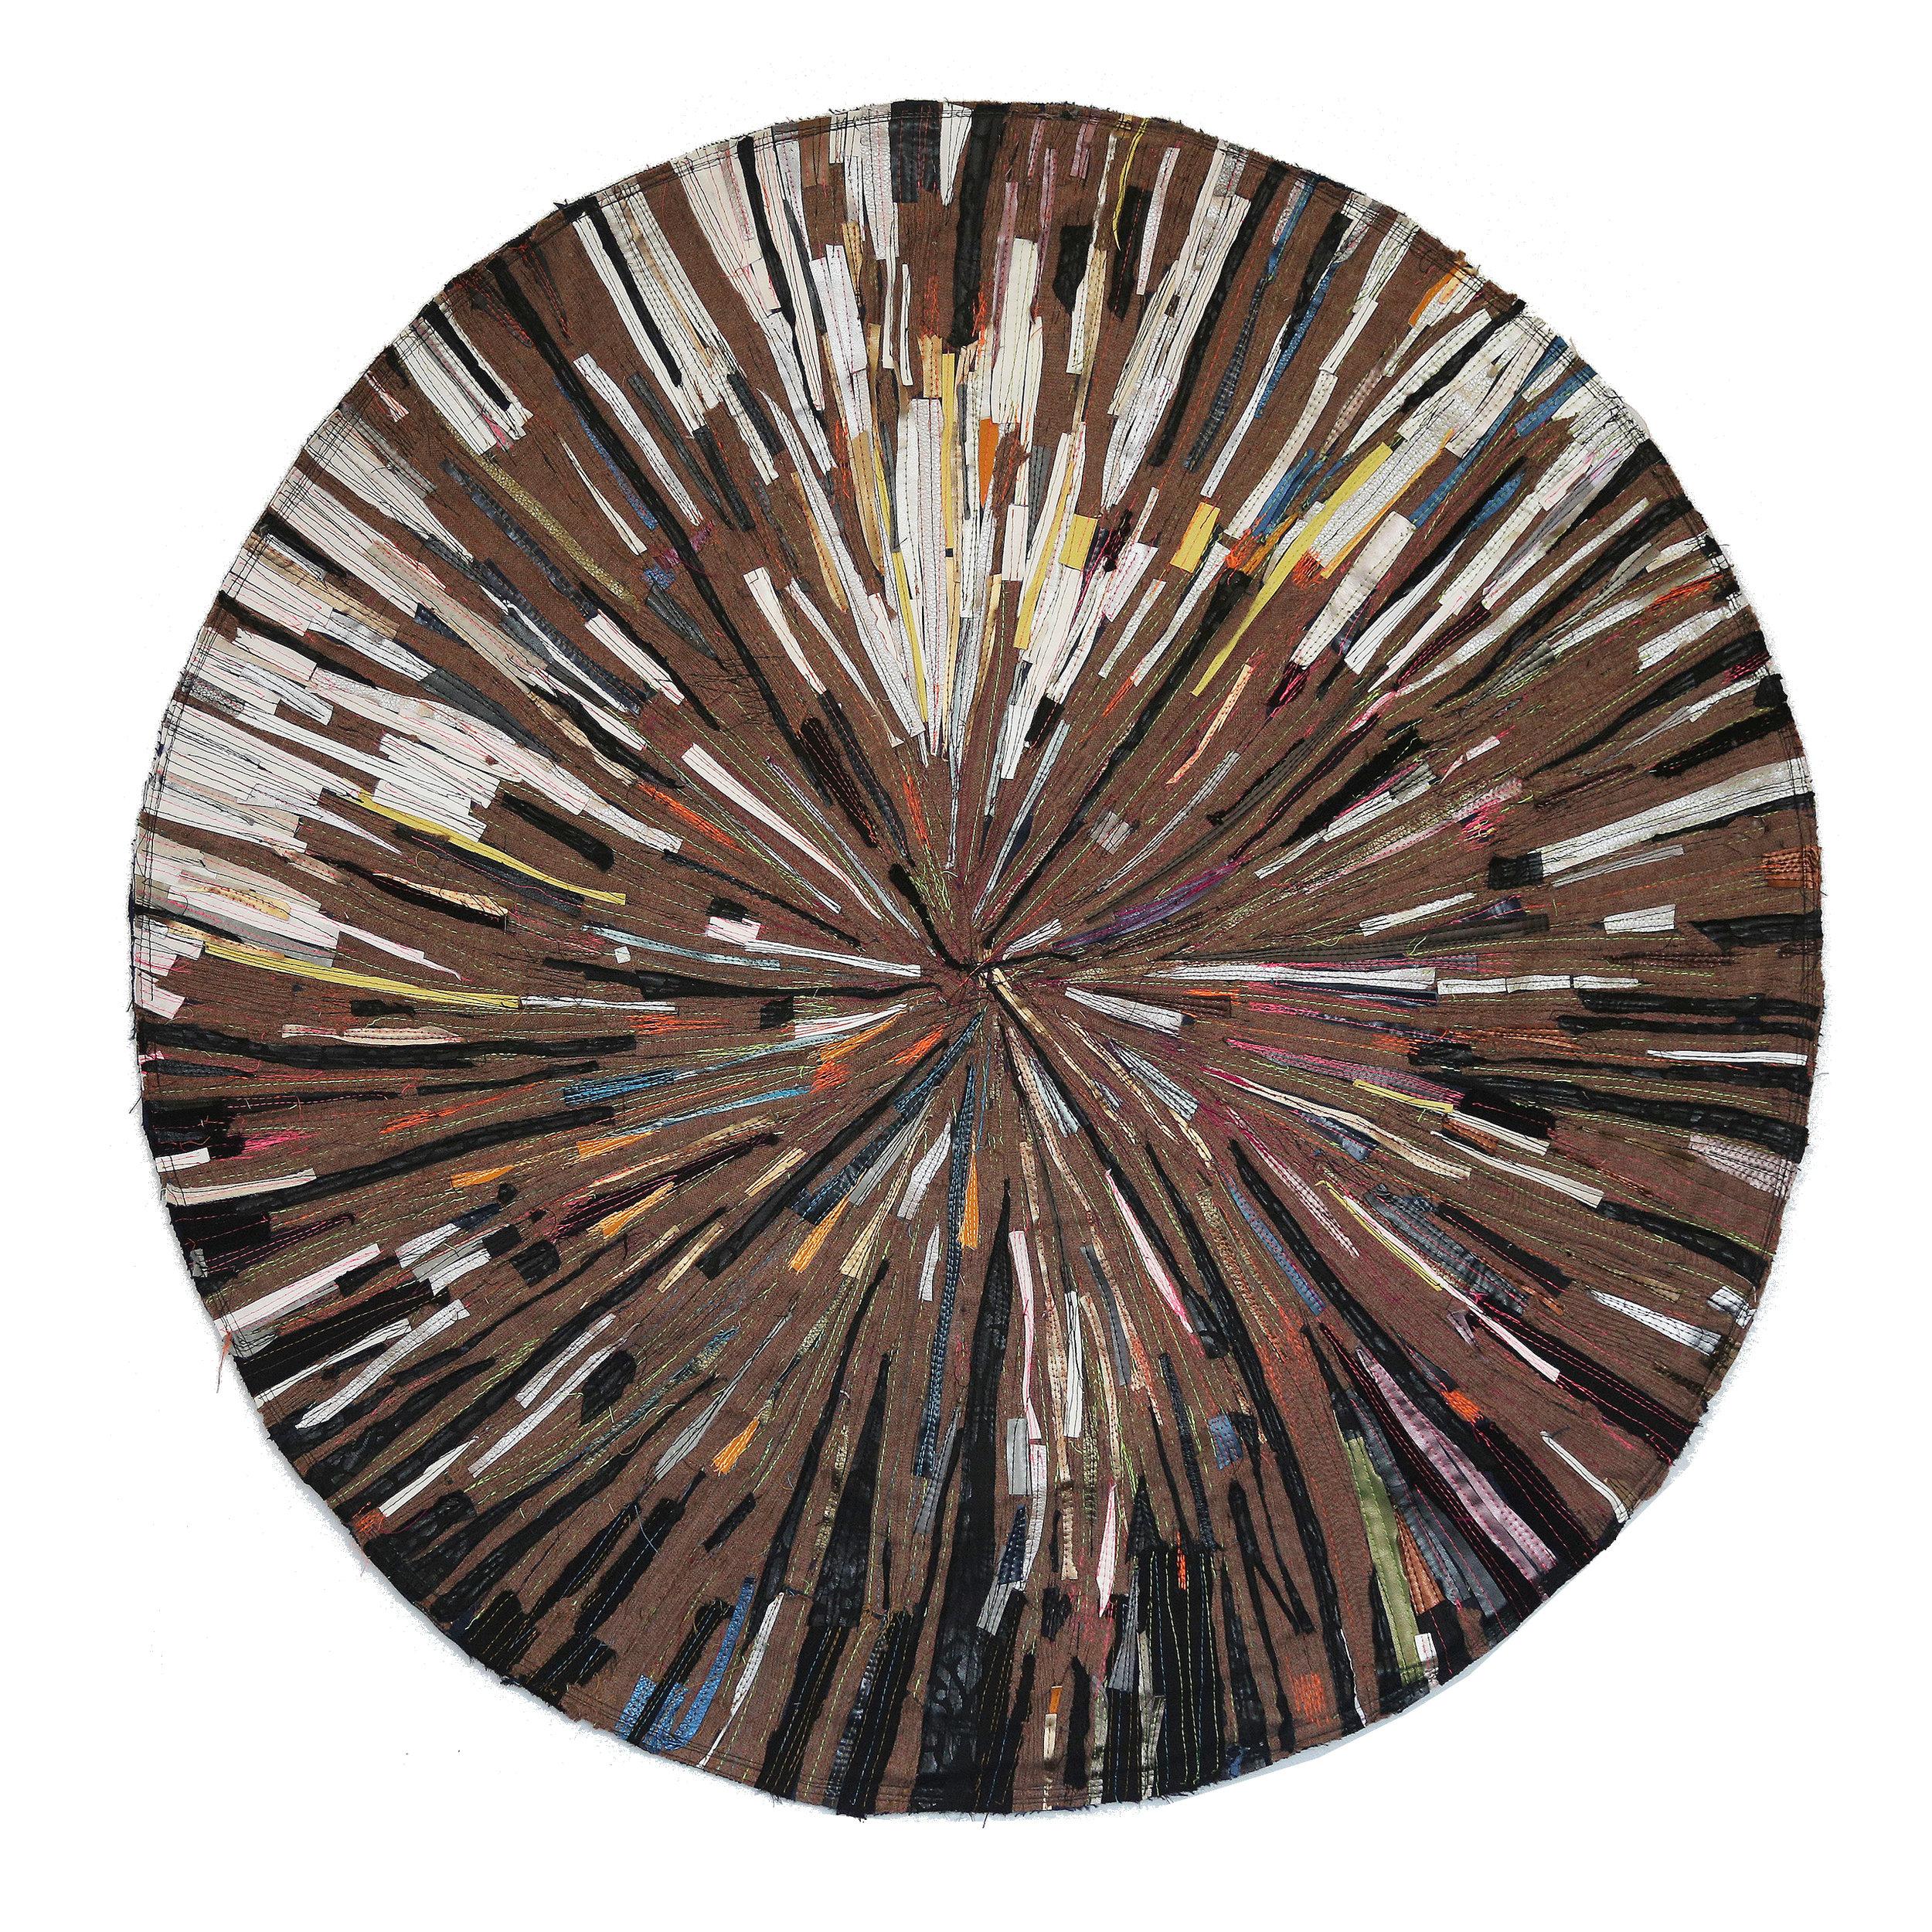 Trash Vortex (4'diameter)